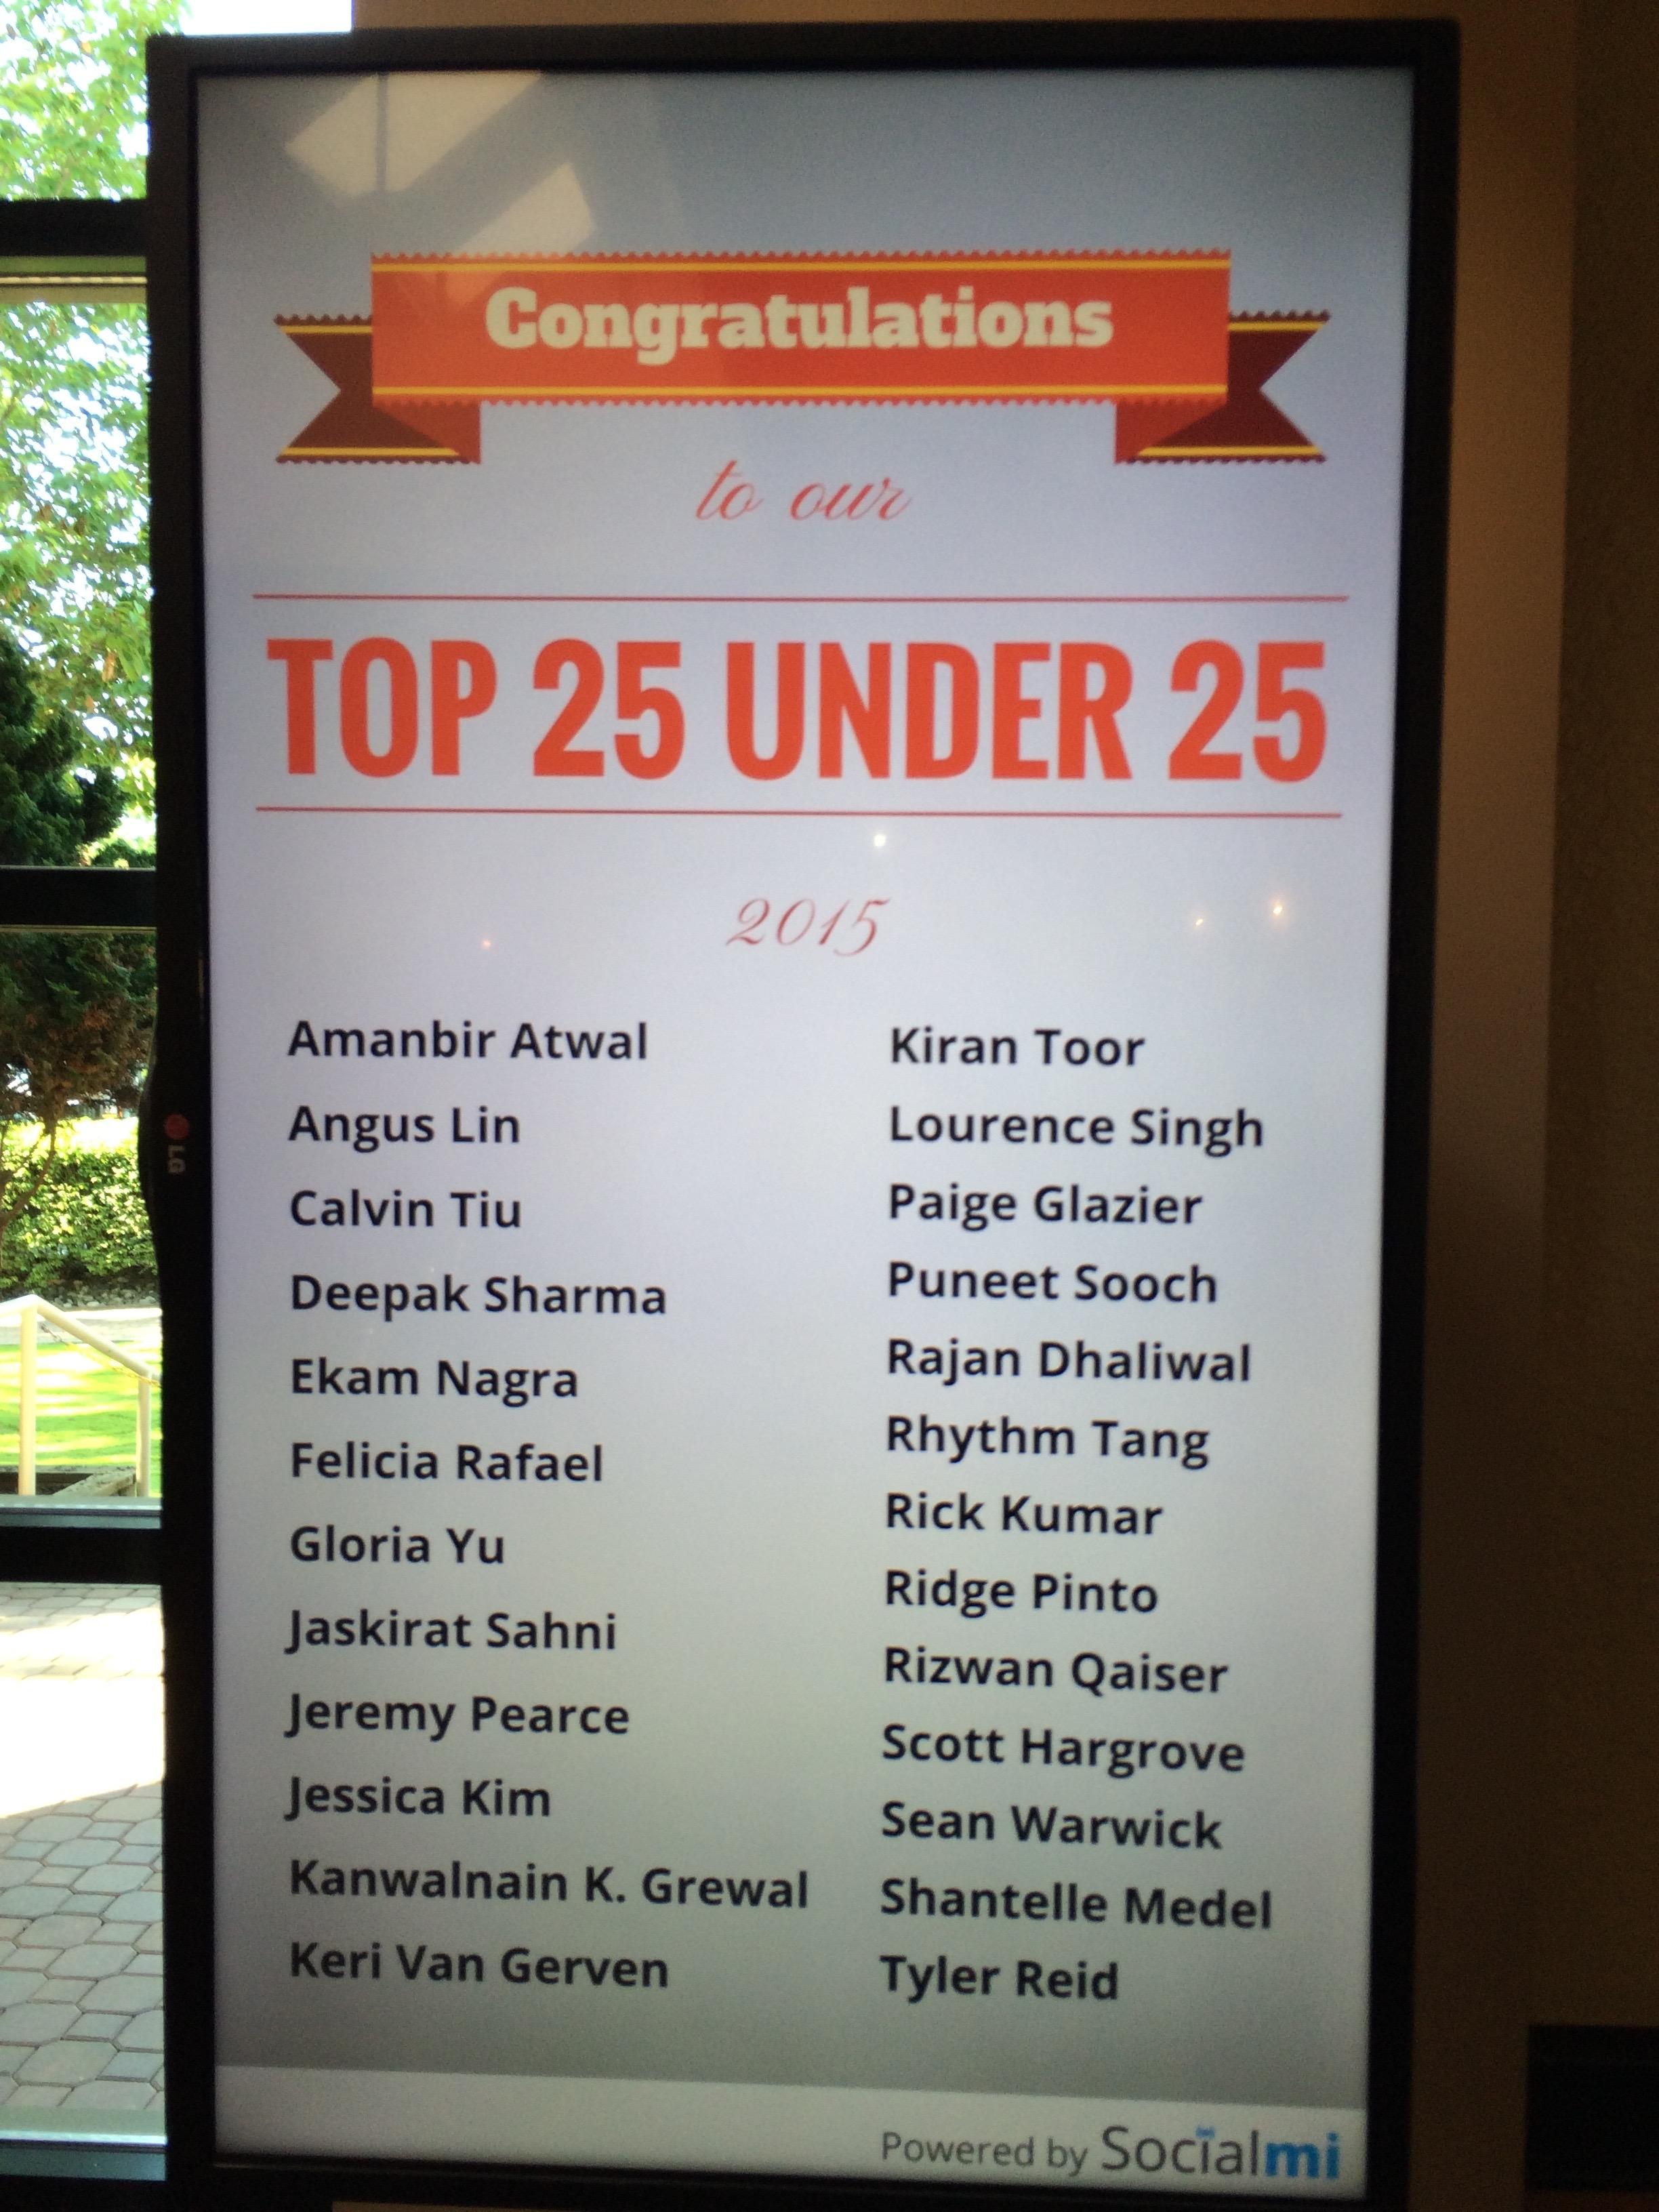 Surrey Board of Trade's Top 25 Under 25 2015